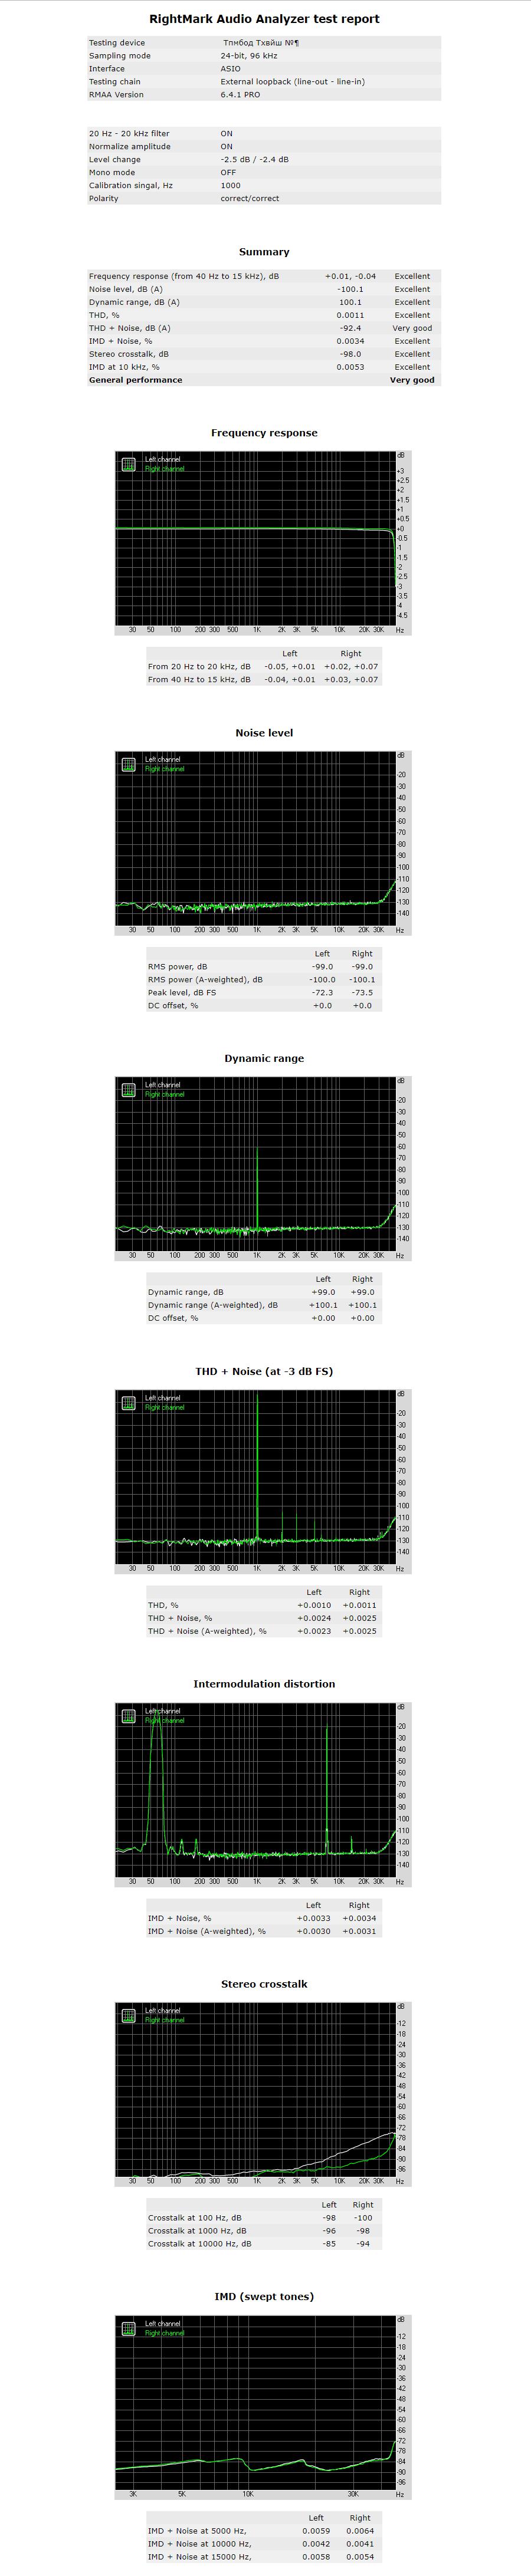 96kHz/24bit